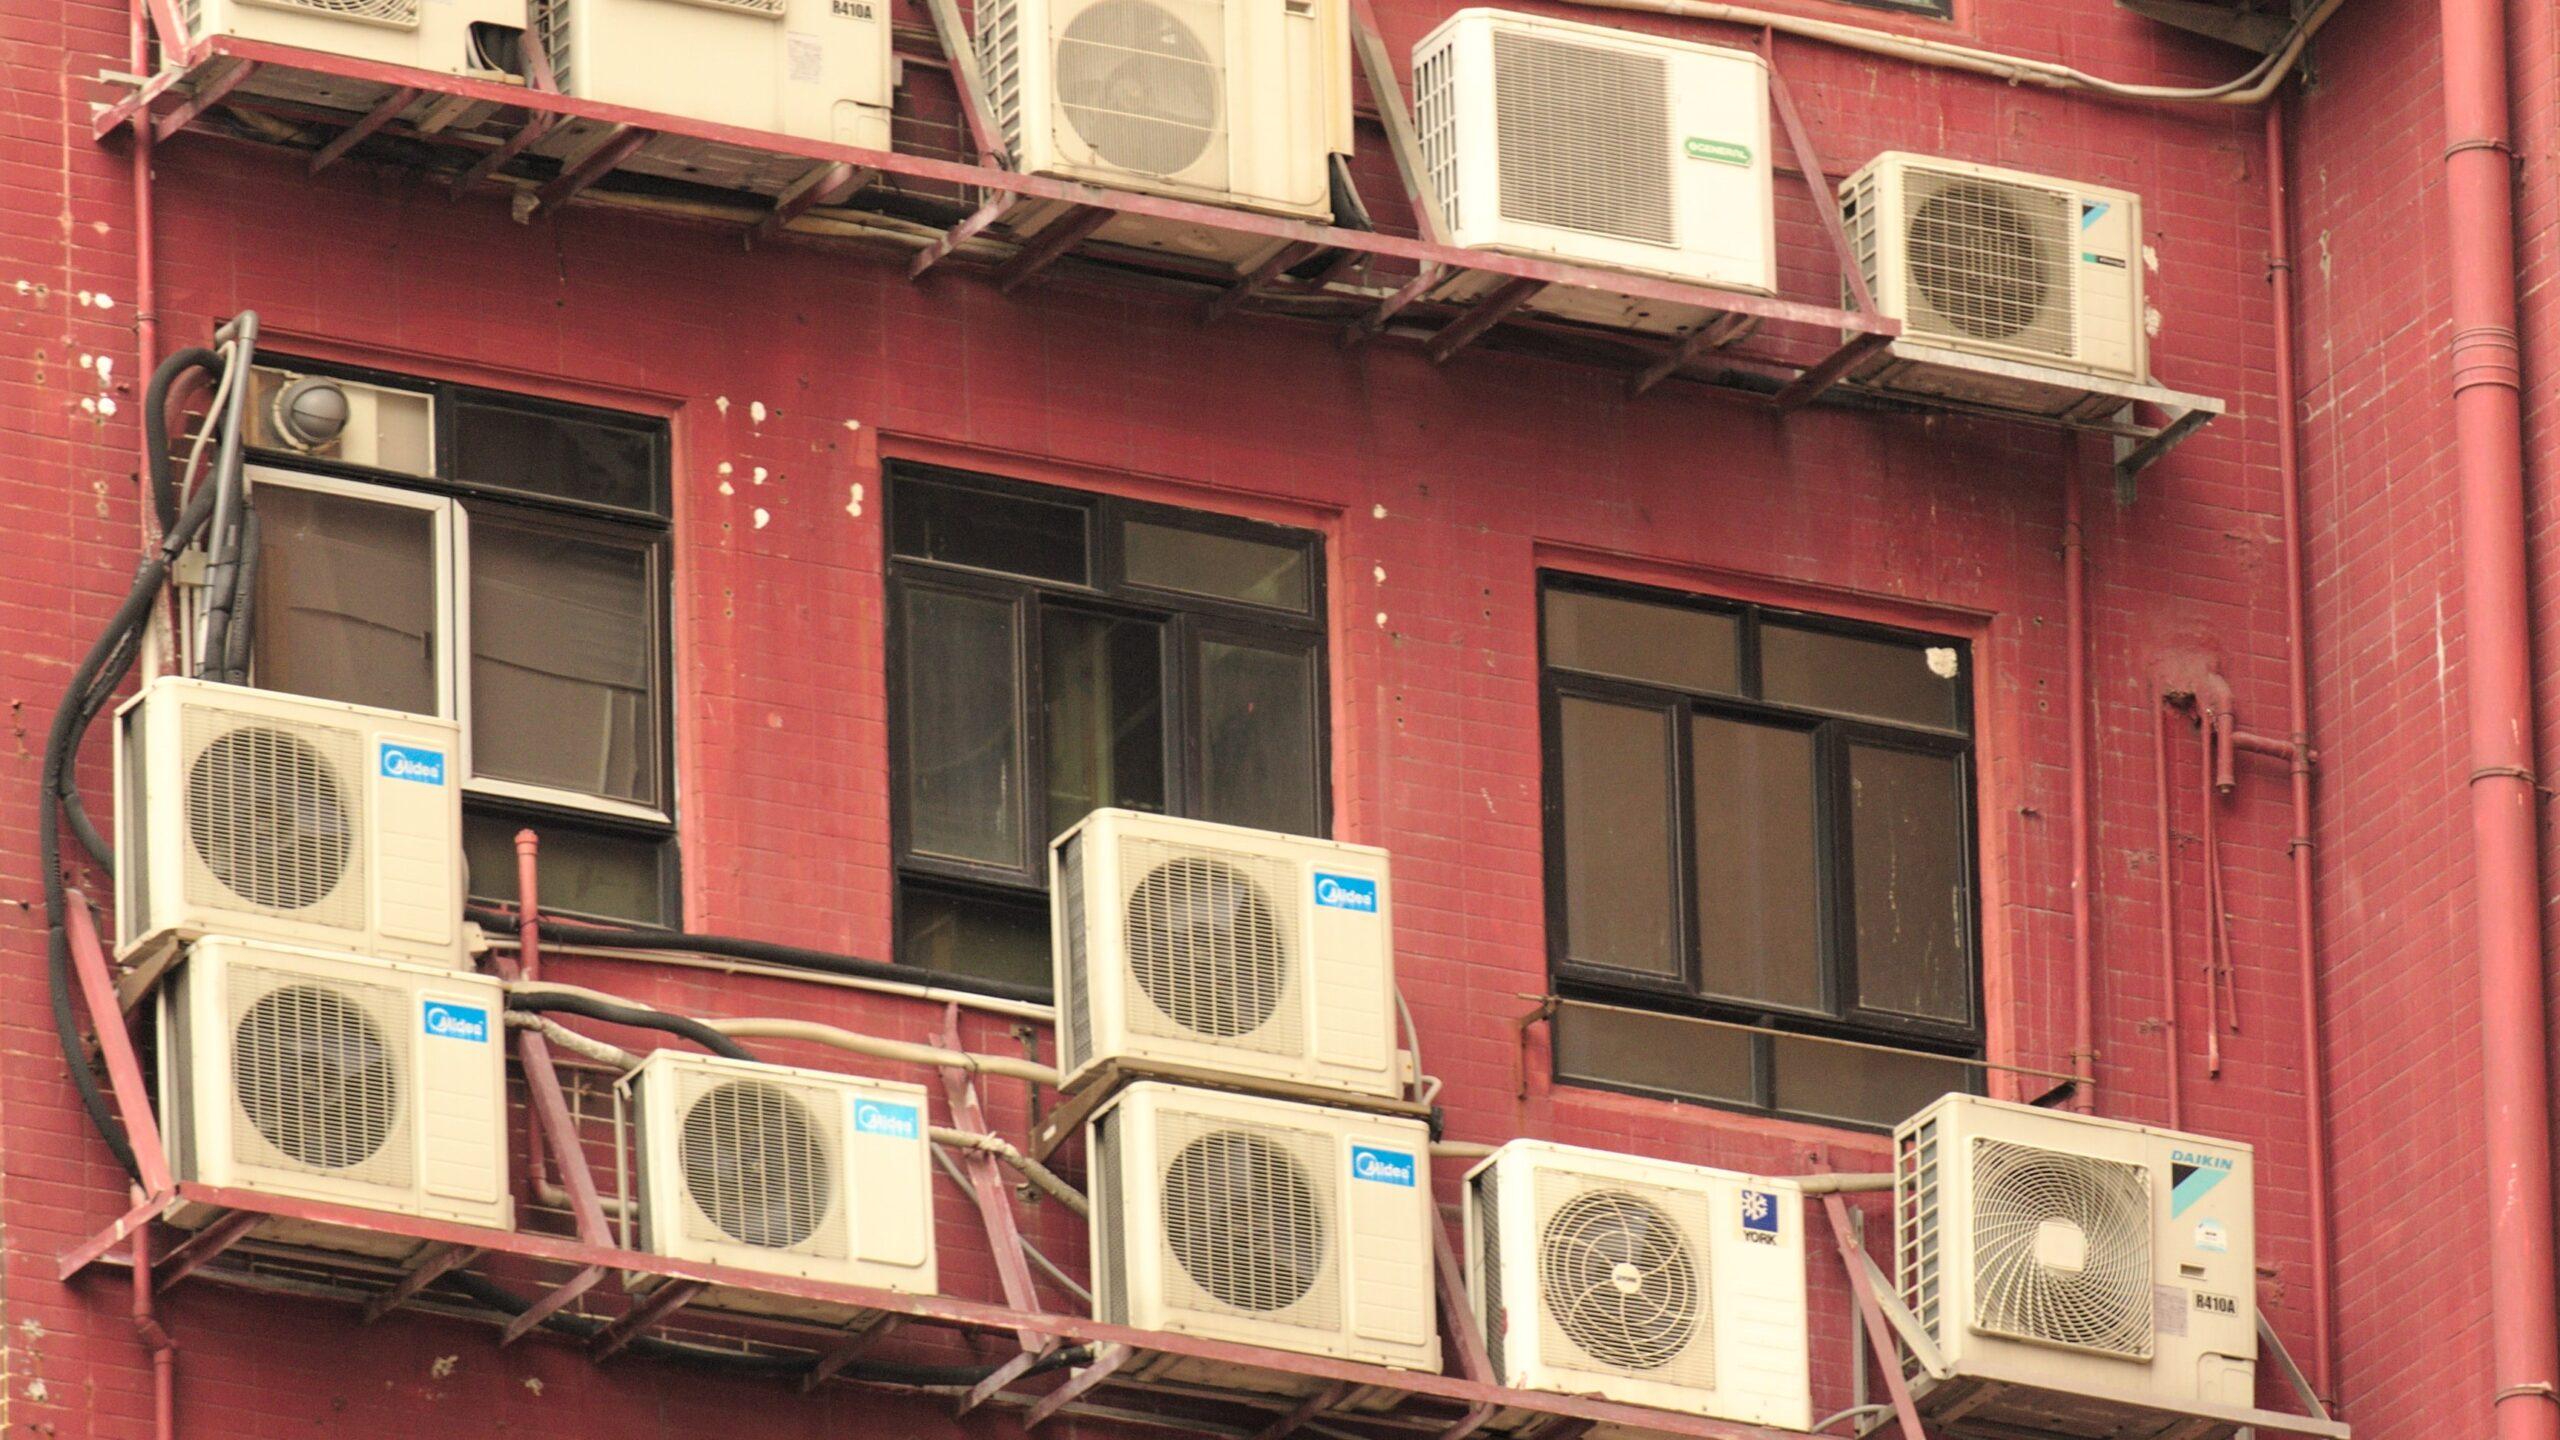 Balkon a część wspólna nieruchomości. Czy można zamontować klimatyzator bez zgody wspólnoty?